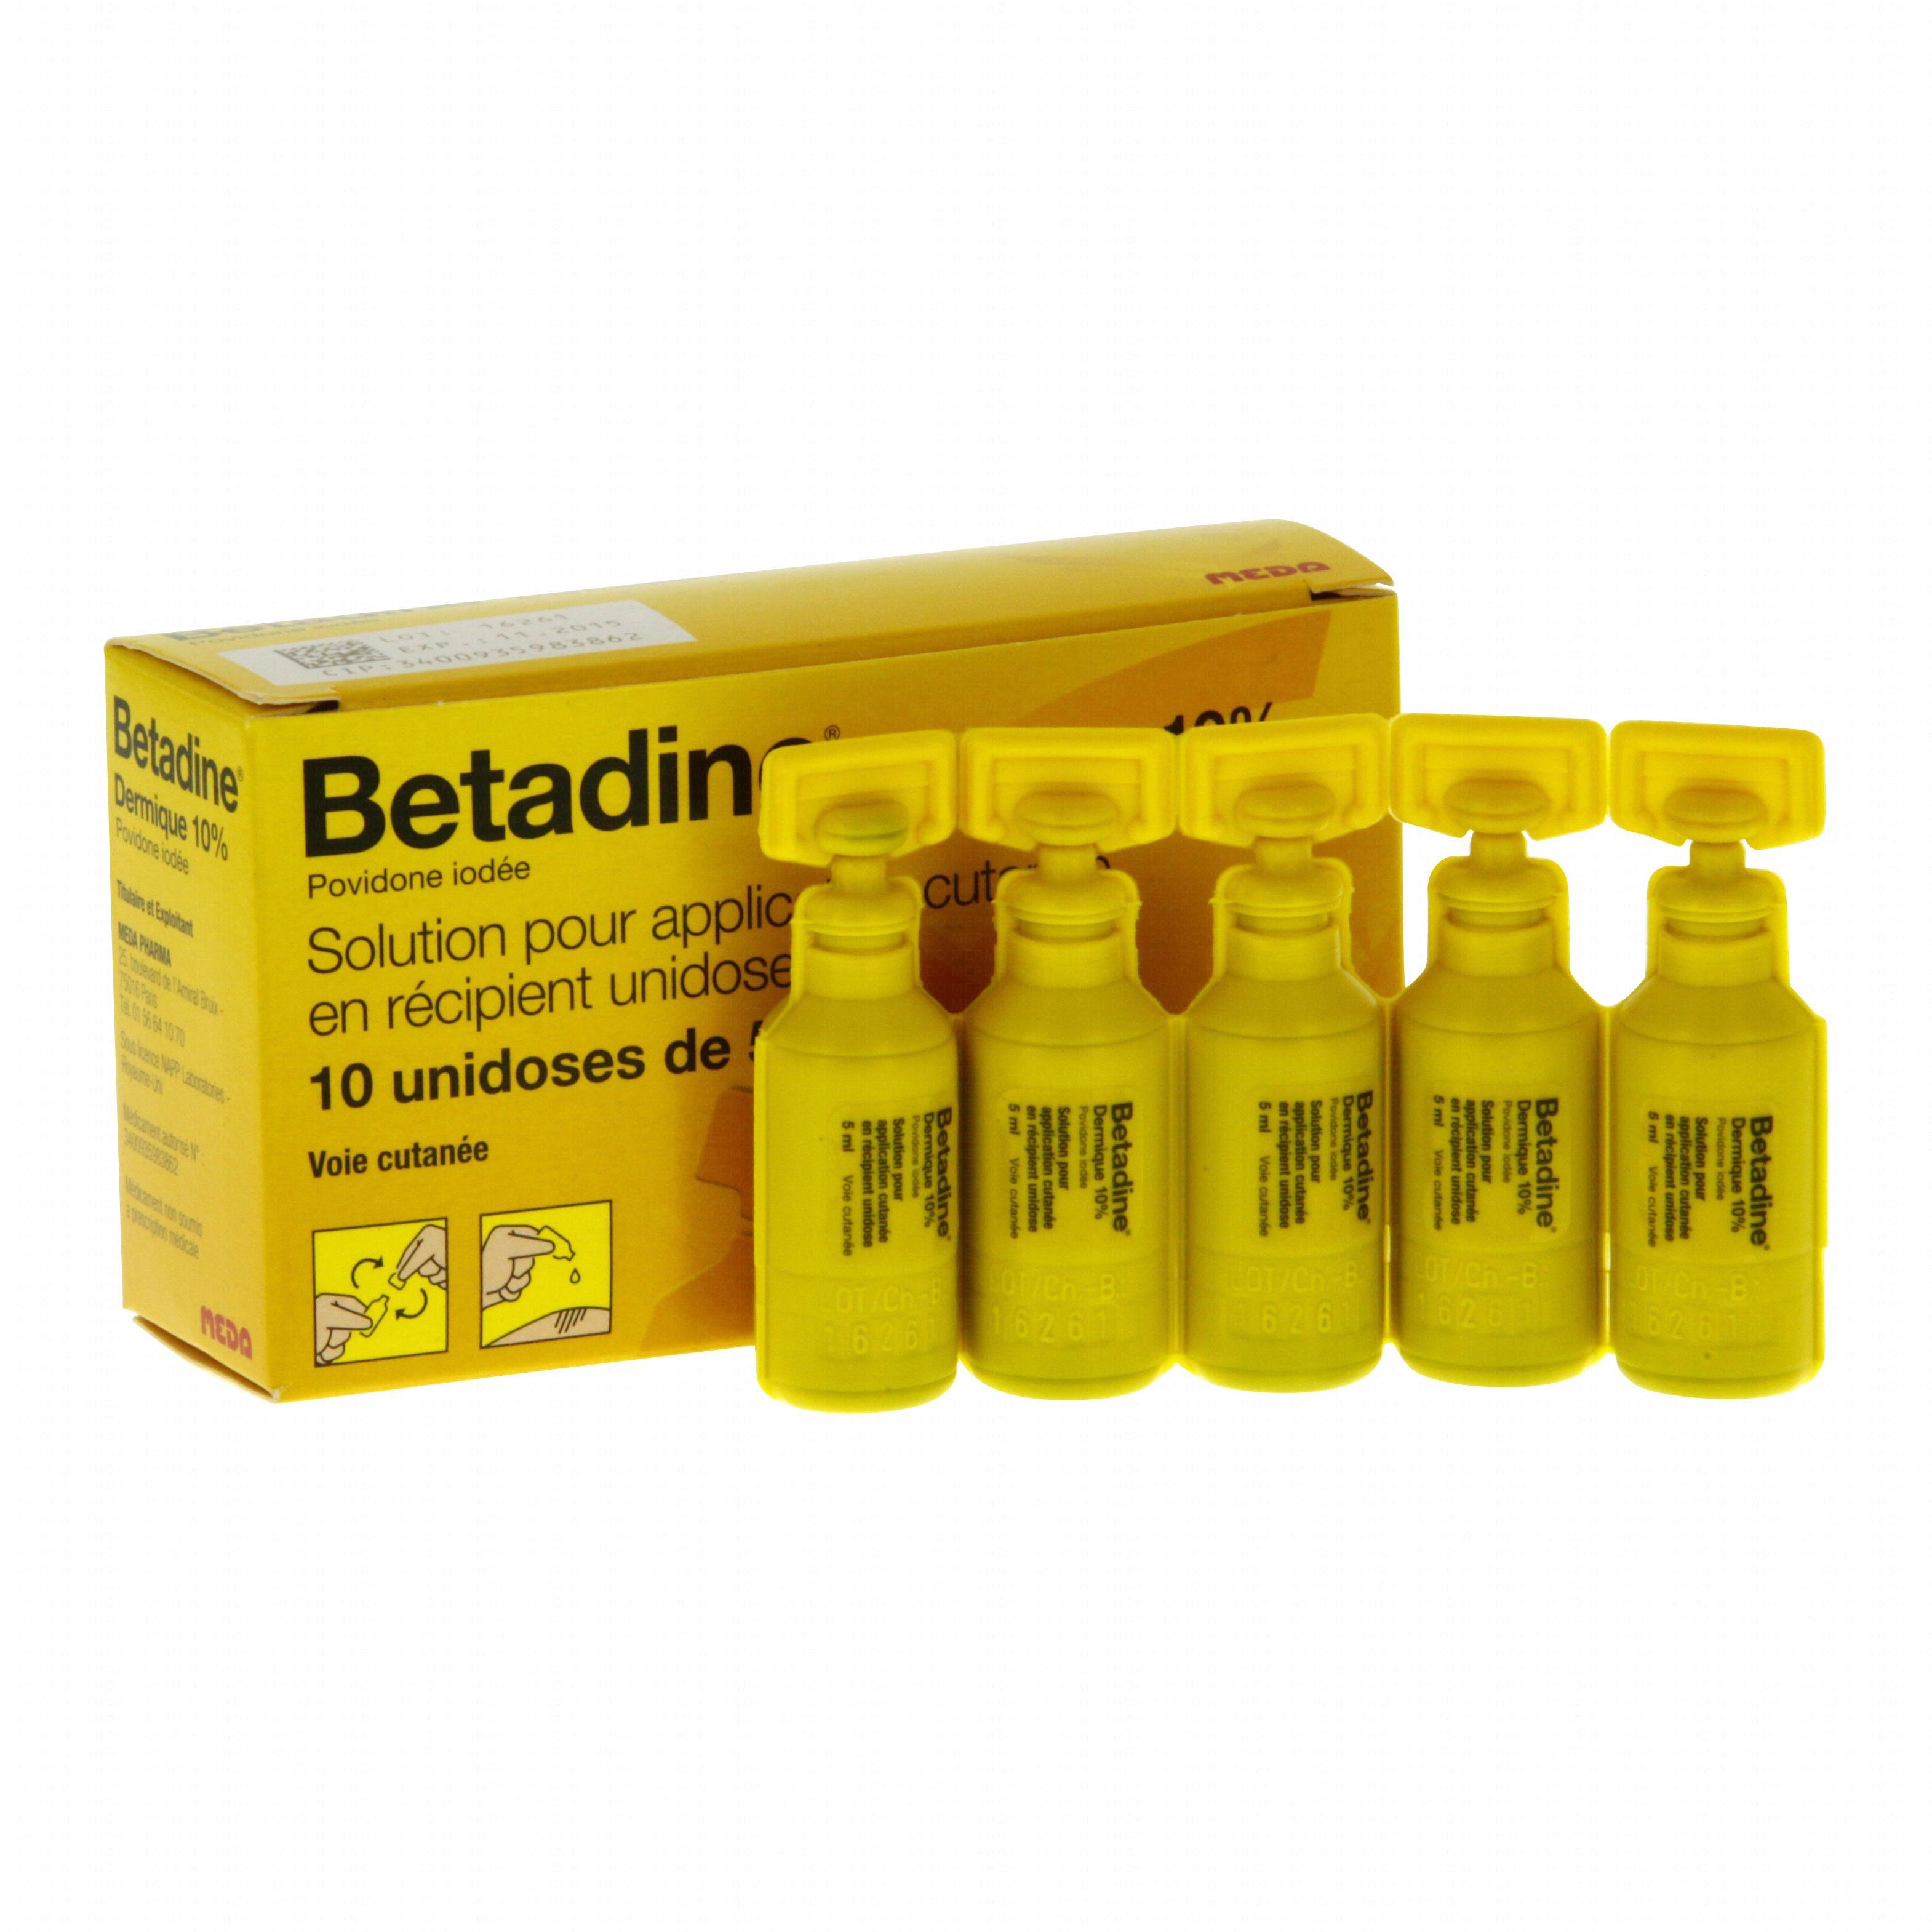 Btadine Dermique 10 Bote De Rcipients Unidoses Medapharma Betadine 5 Ml Illustration N2